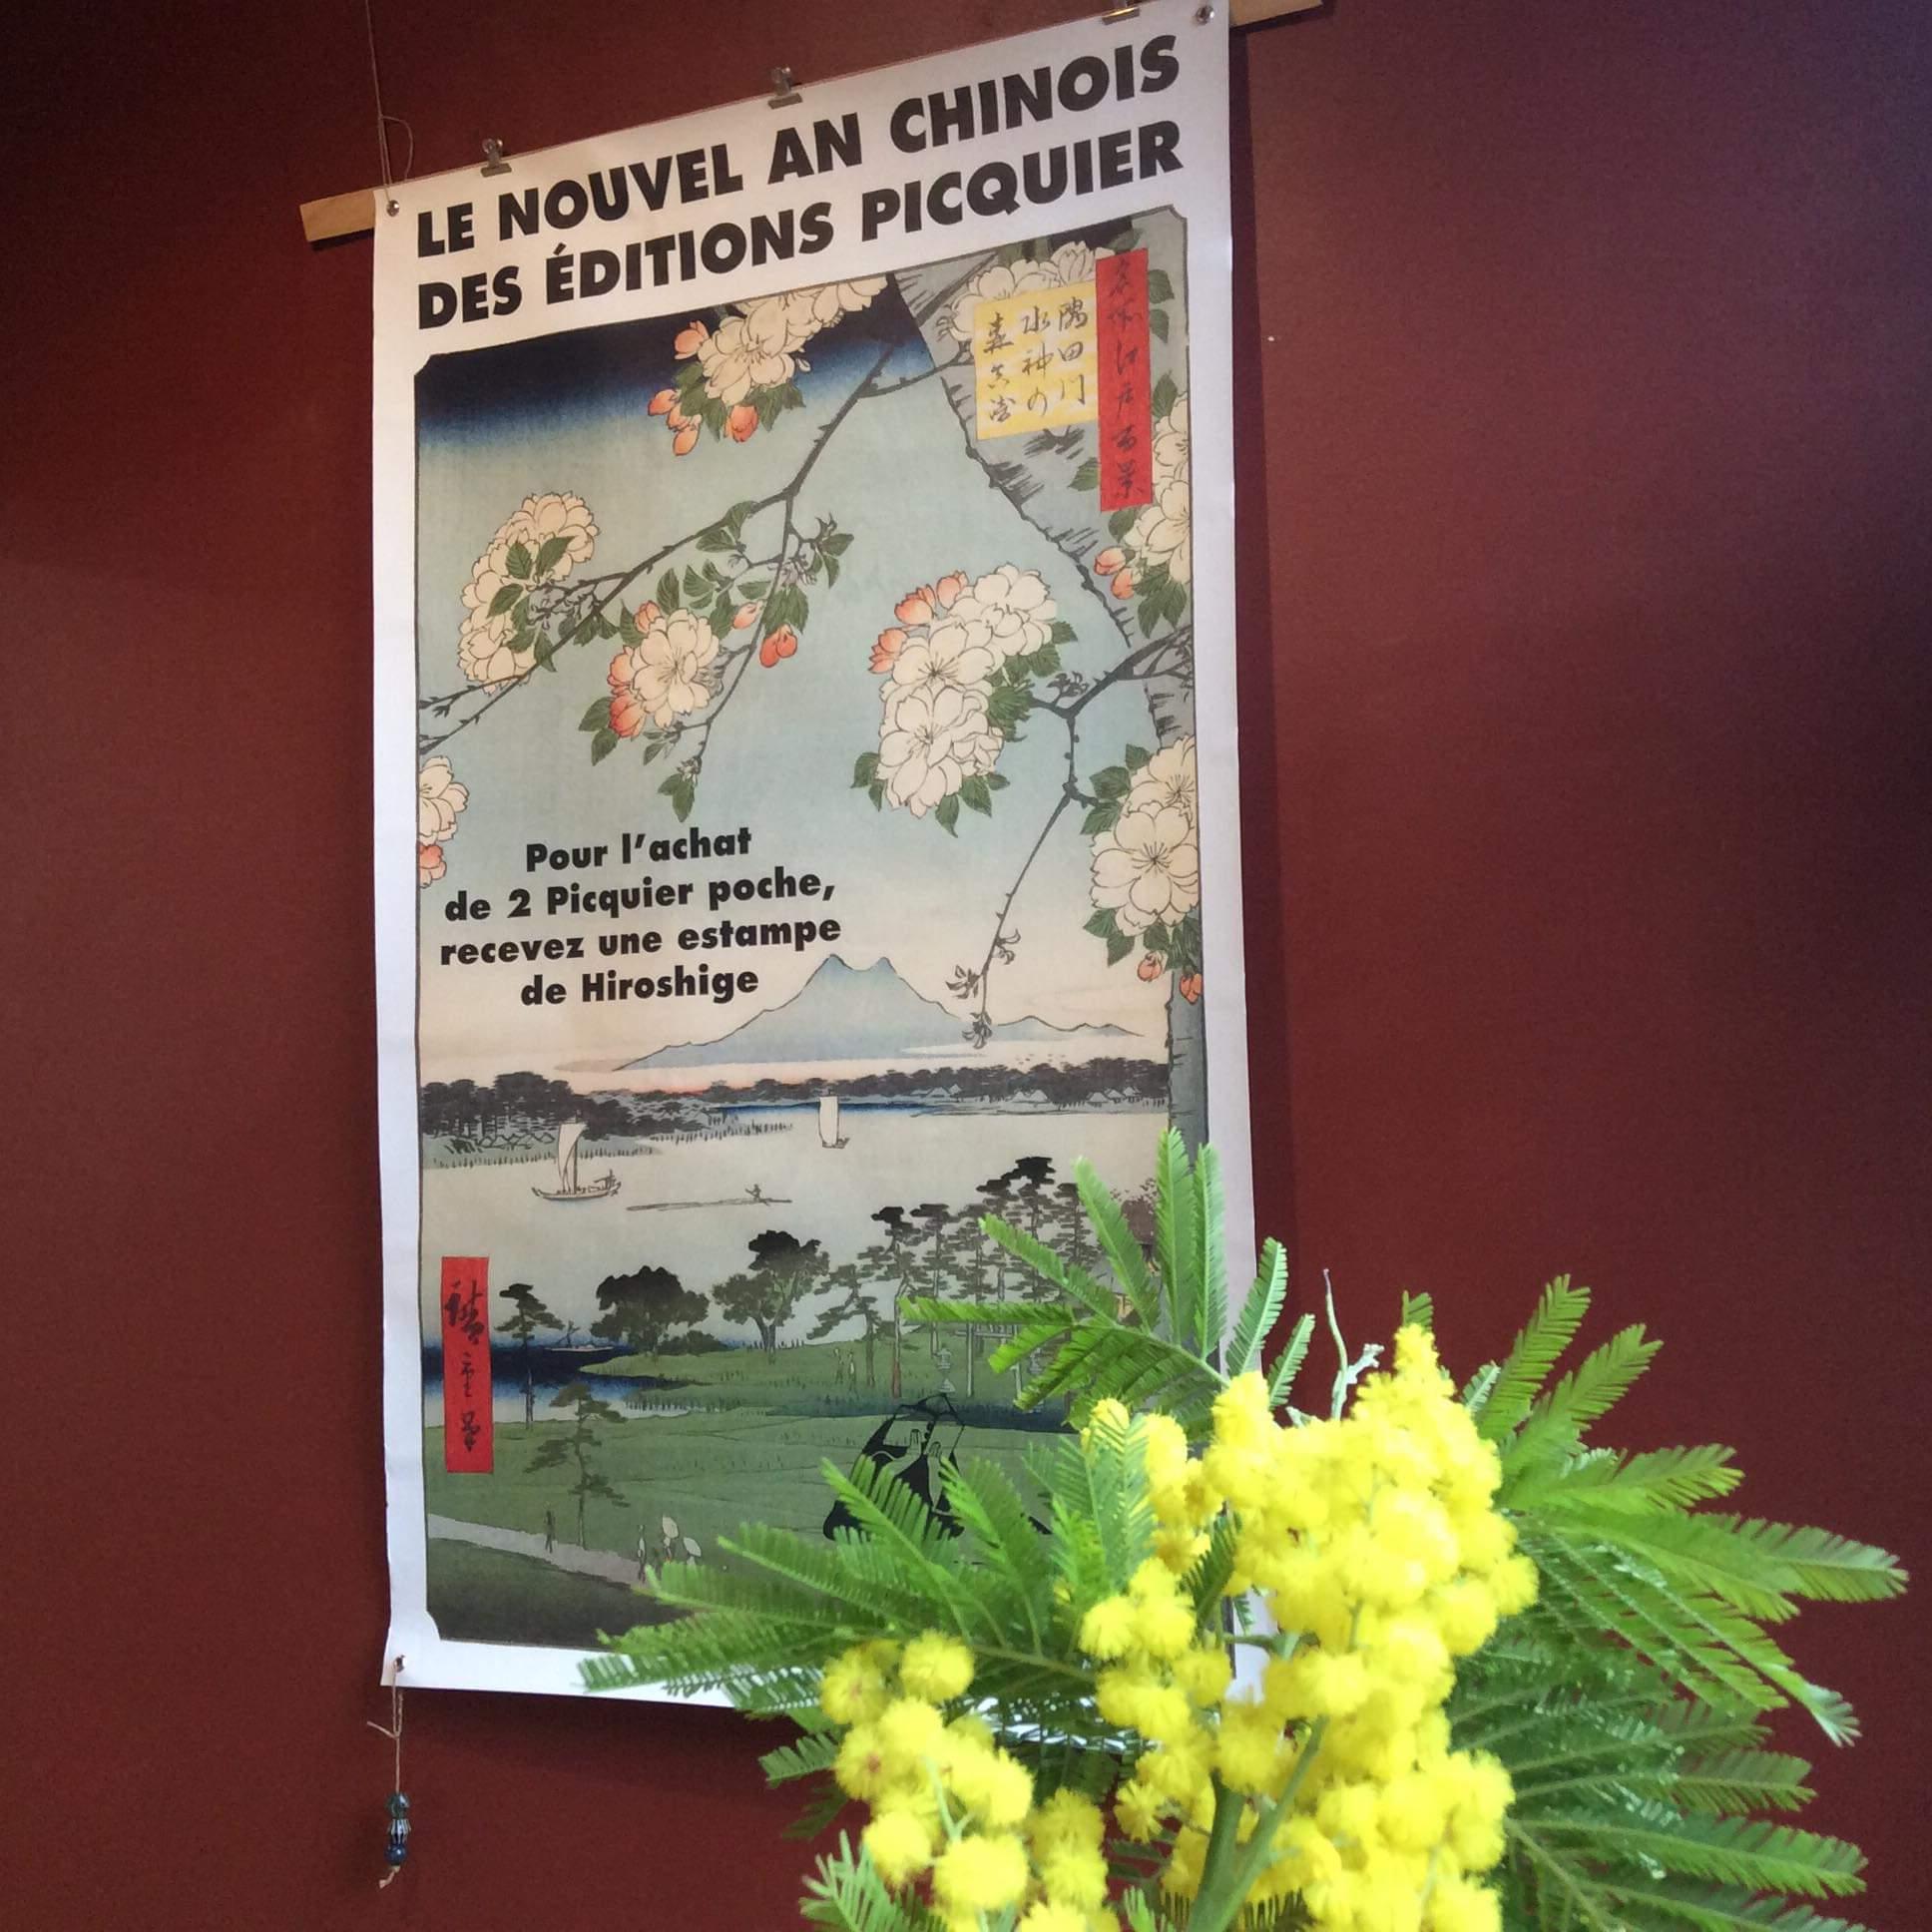 LE NOUVEL AN CHINOIS À L'ANGLE ROUGE